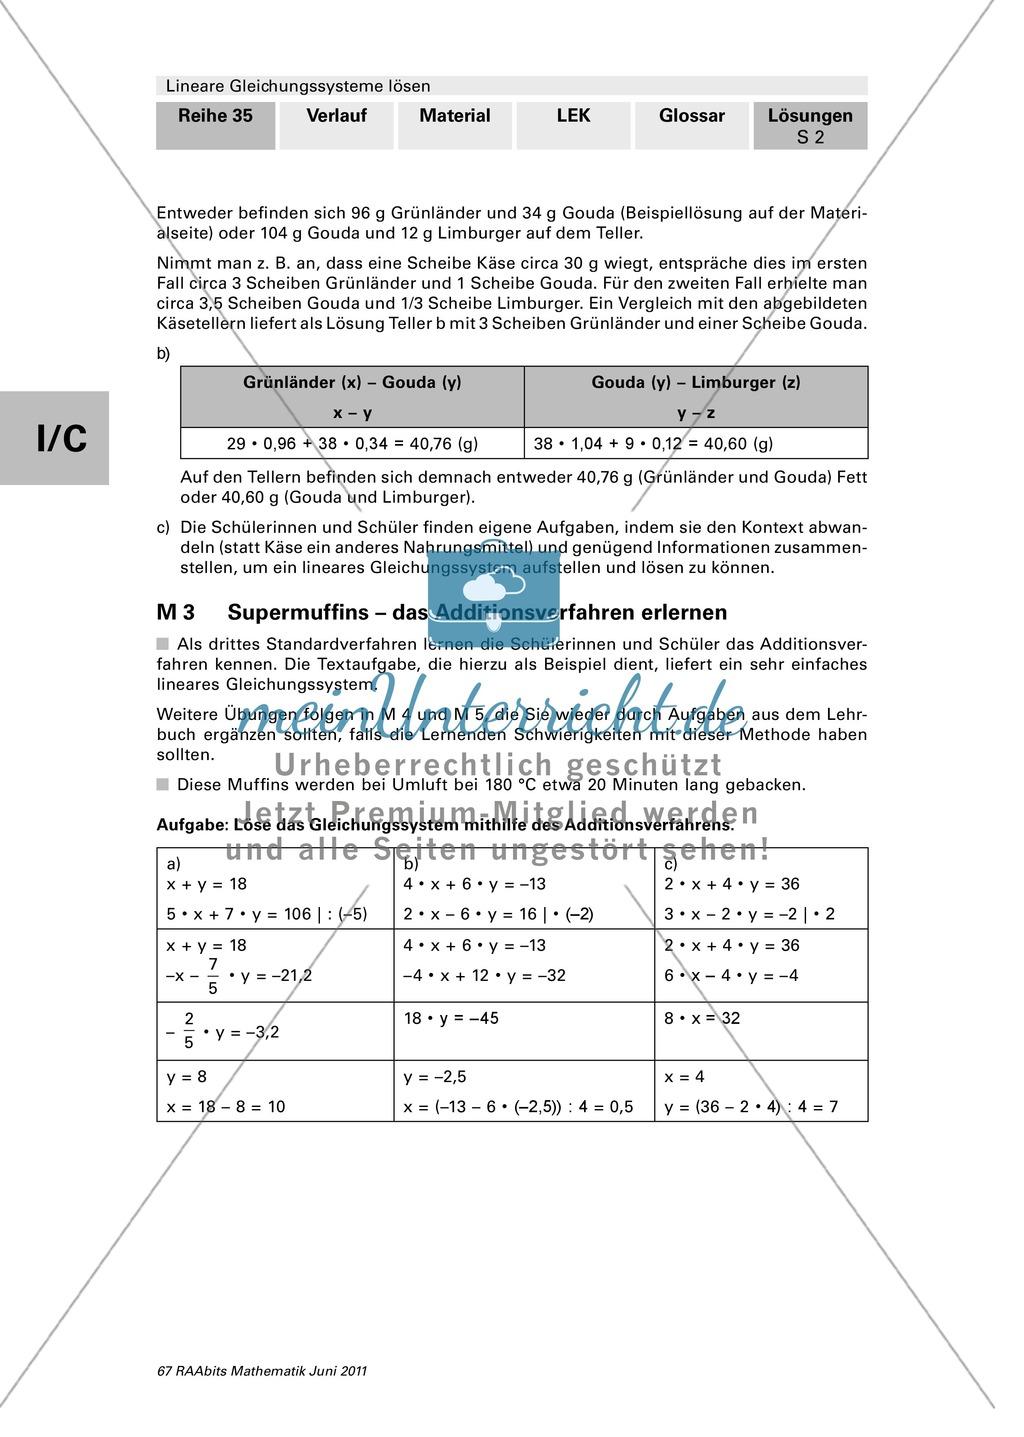 Lineare Gleichungssysteme: Das Additionsverfahren anhand eines ...